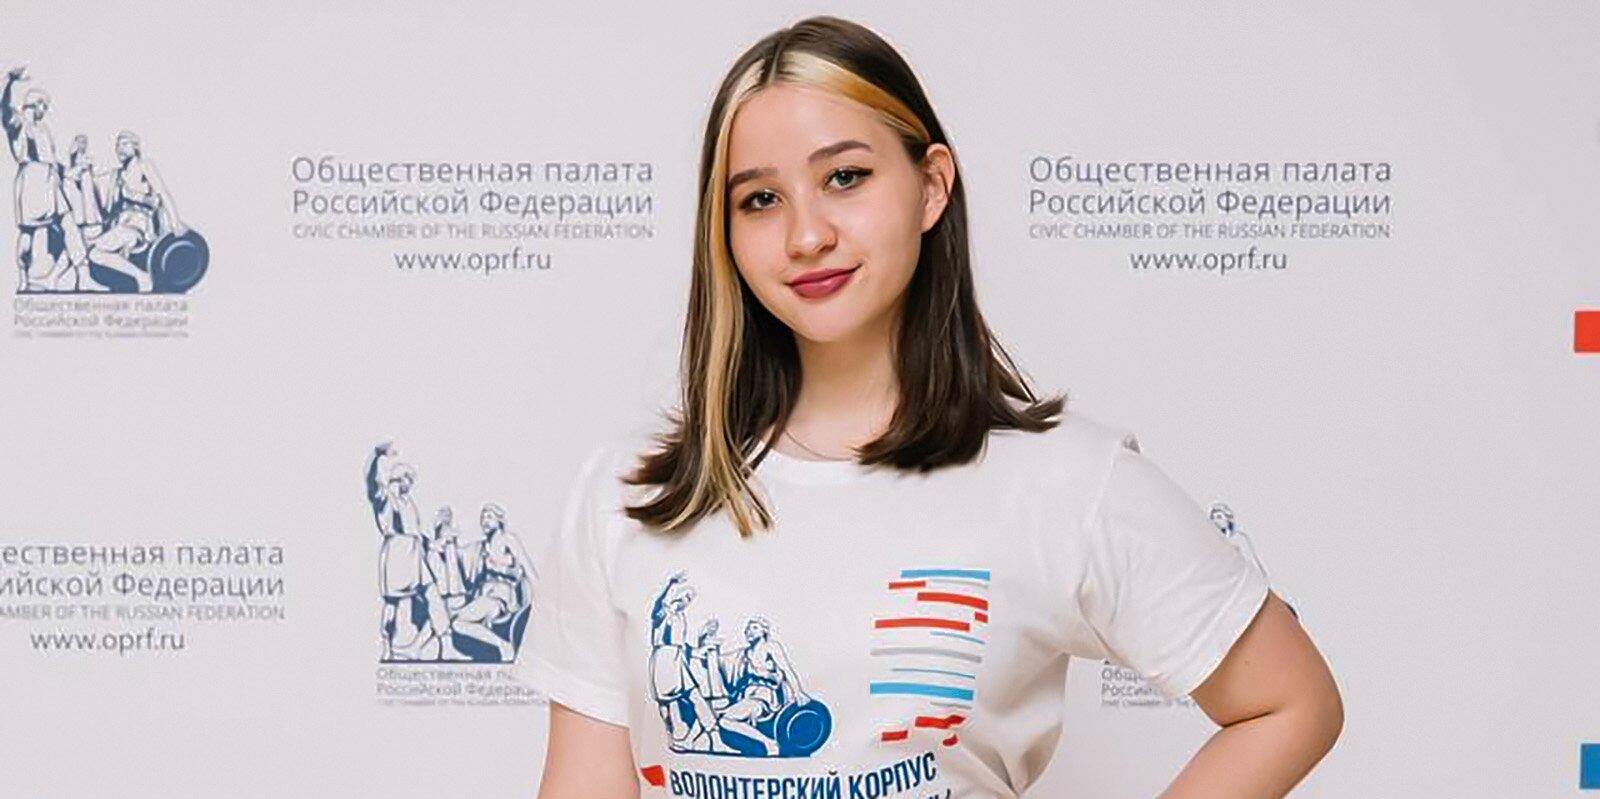 Валерия Азова